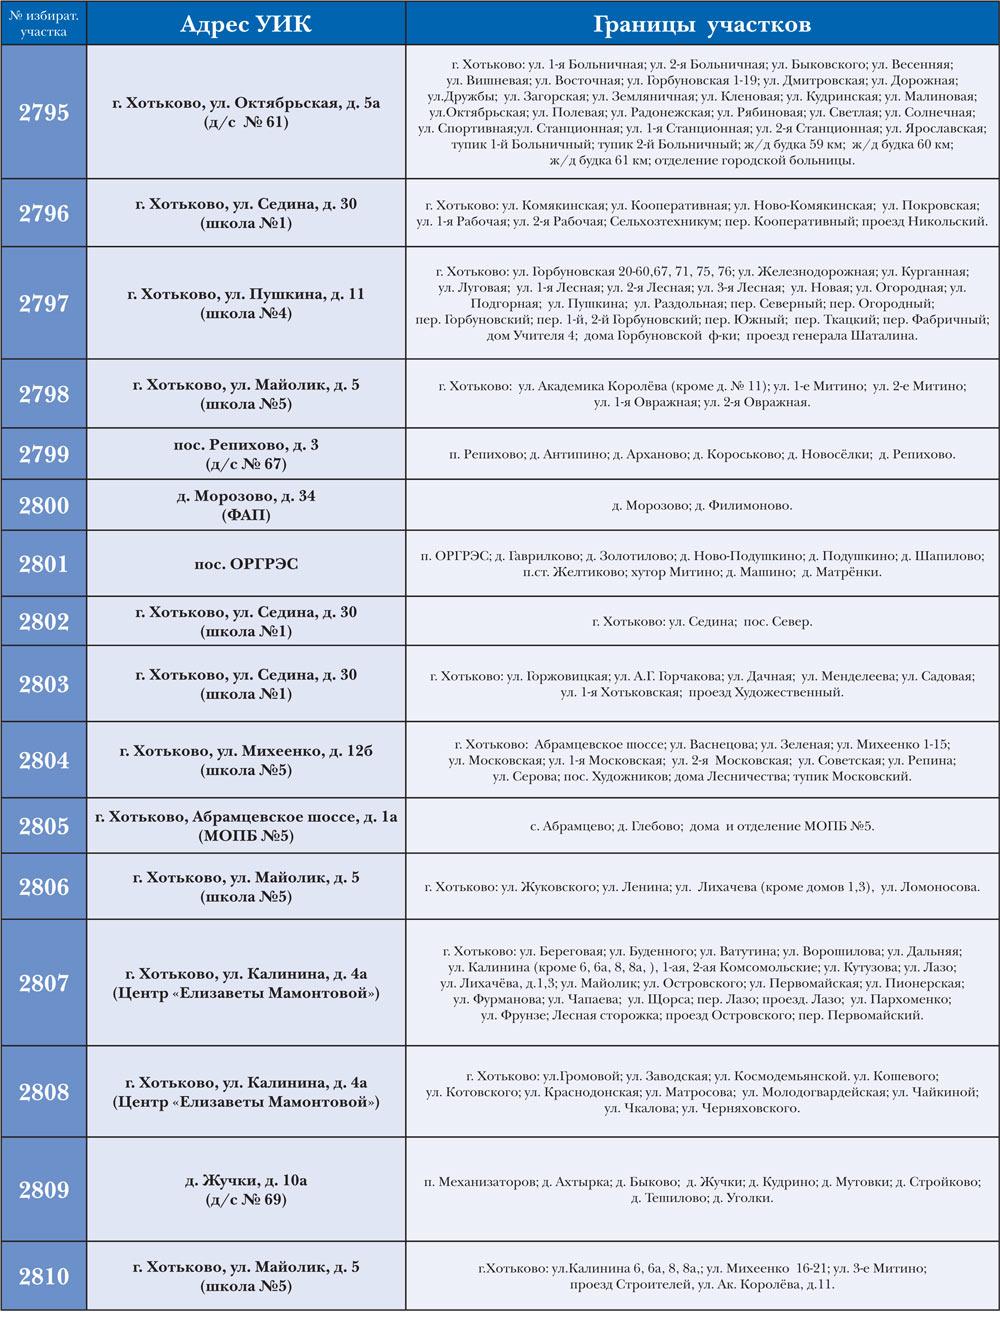 Выборы 2016: адреса избирательных участков в Хотькове